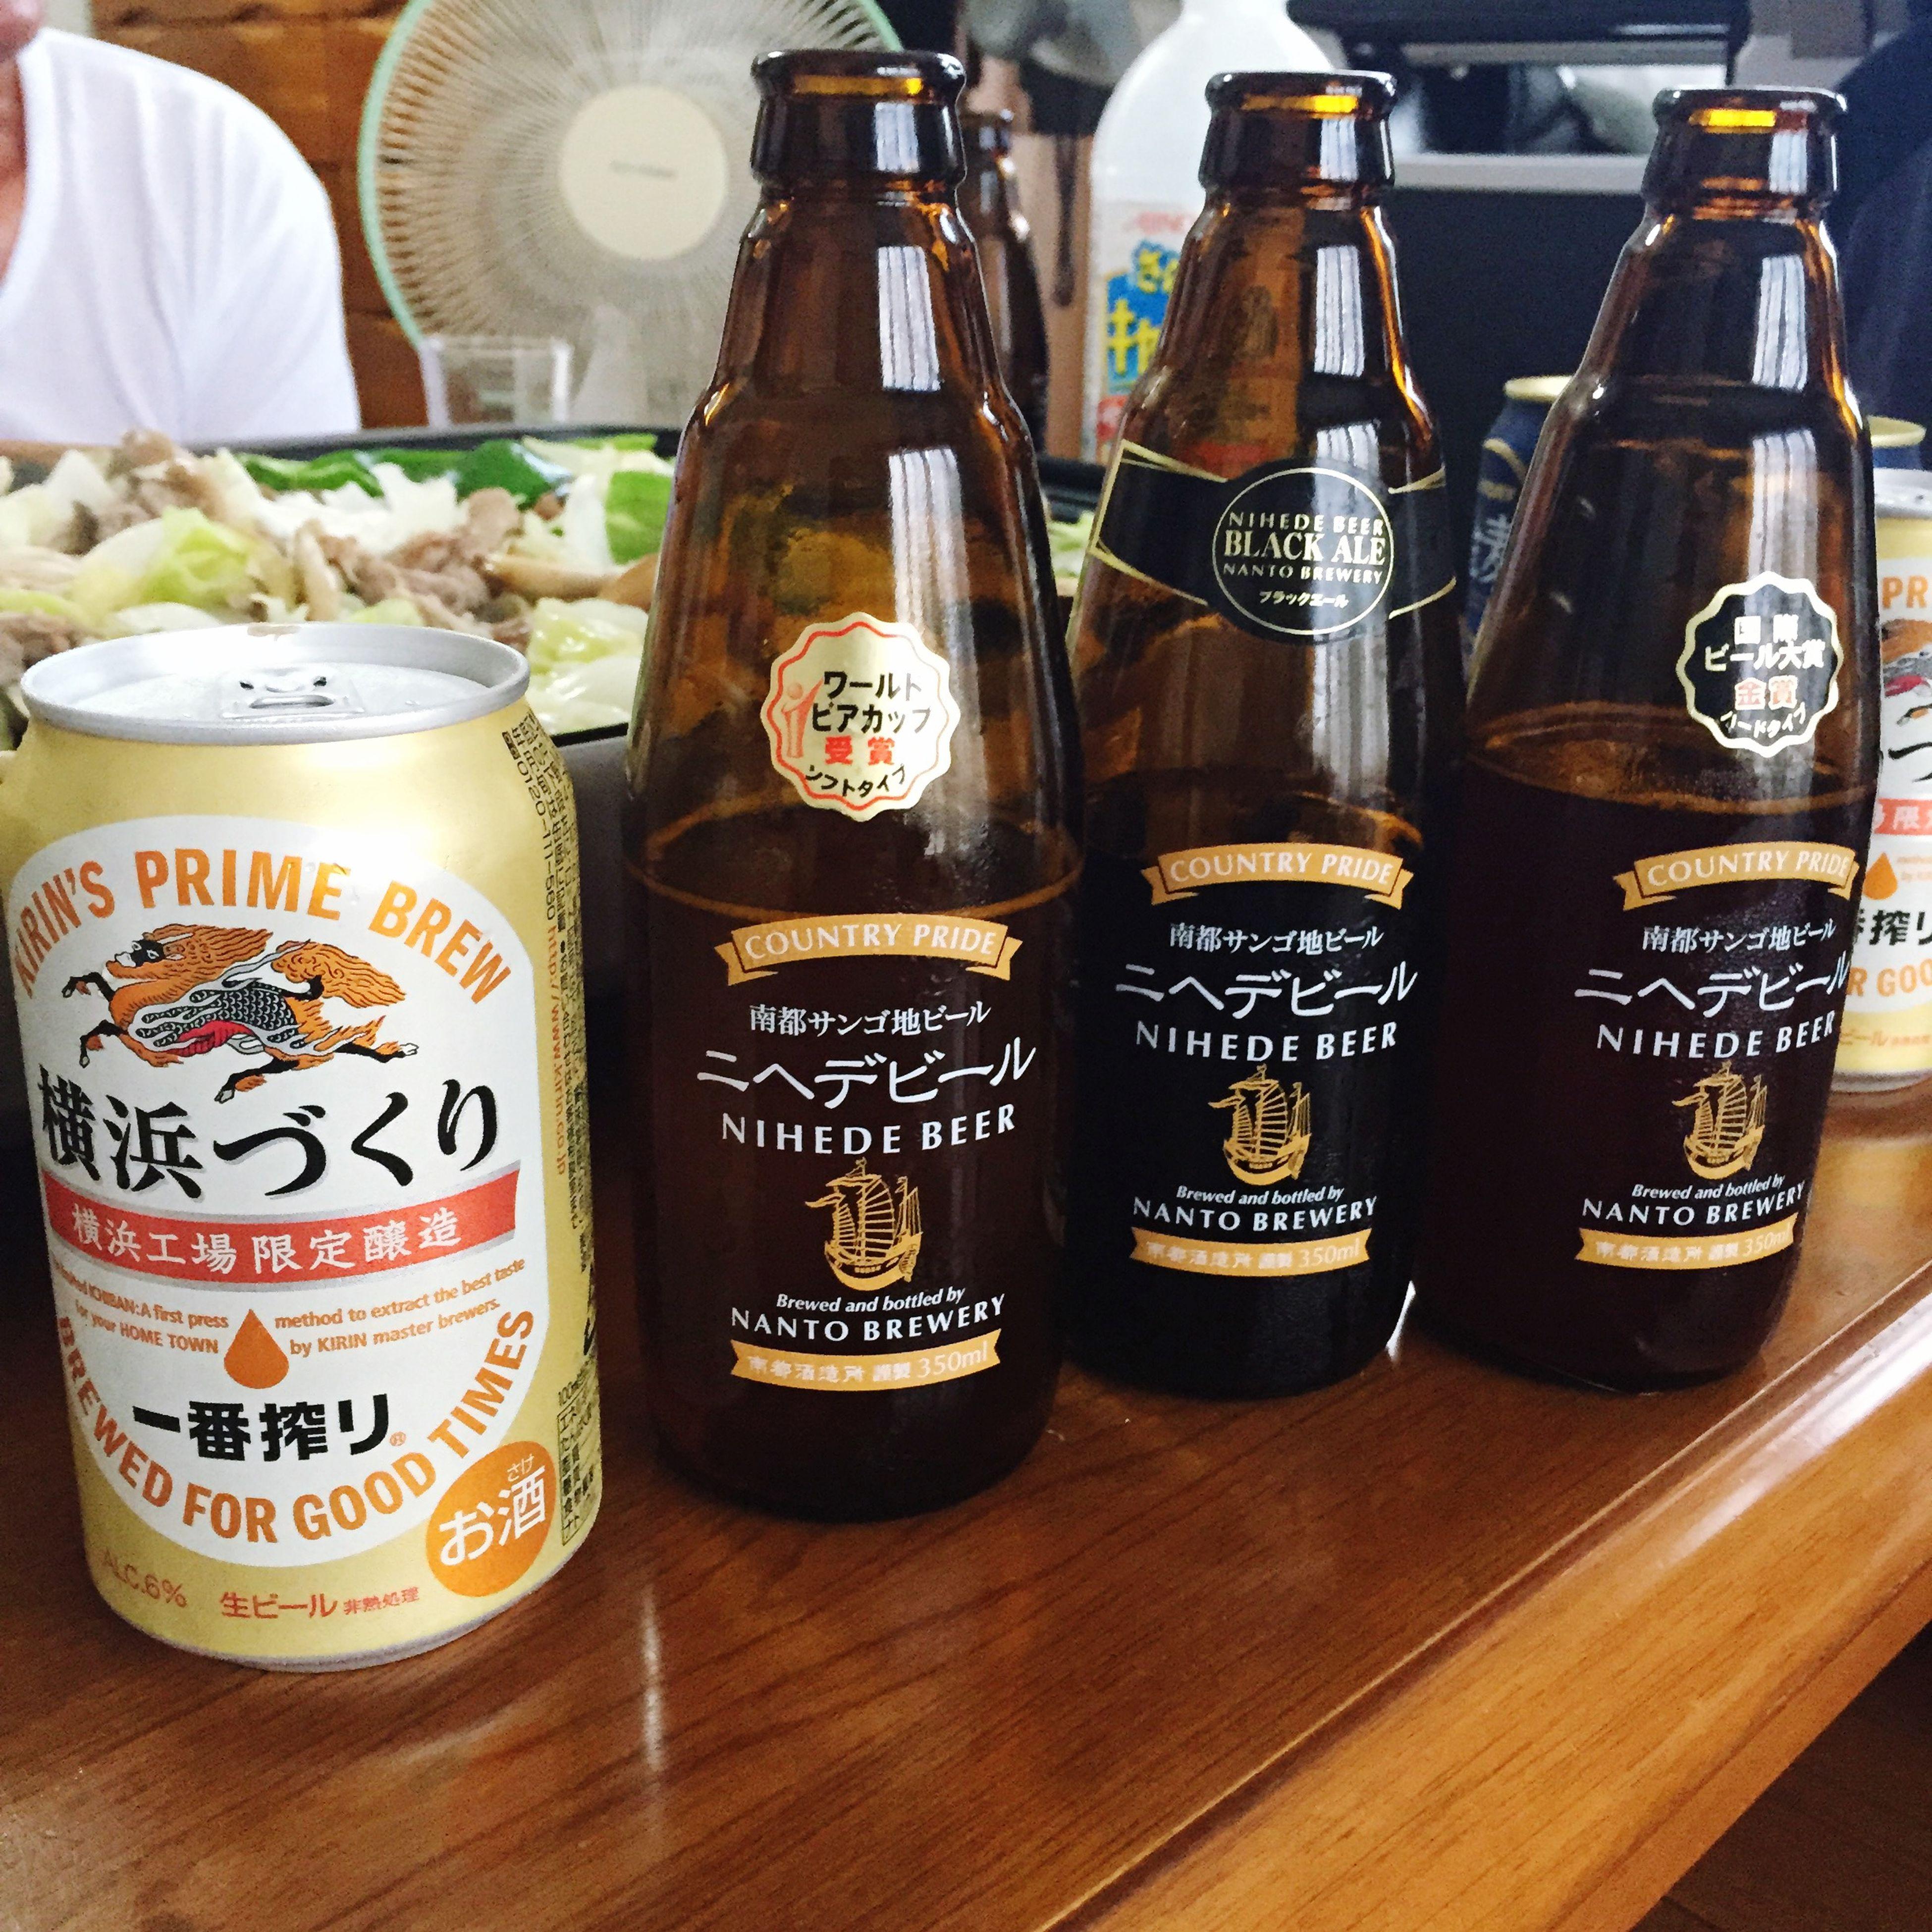 ニヒデビール 一番搾り